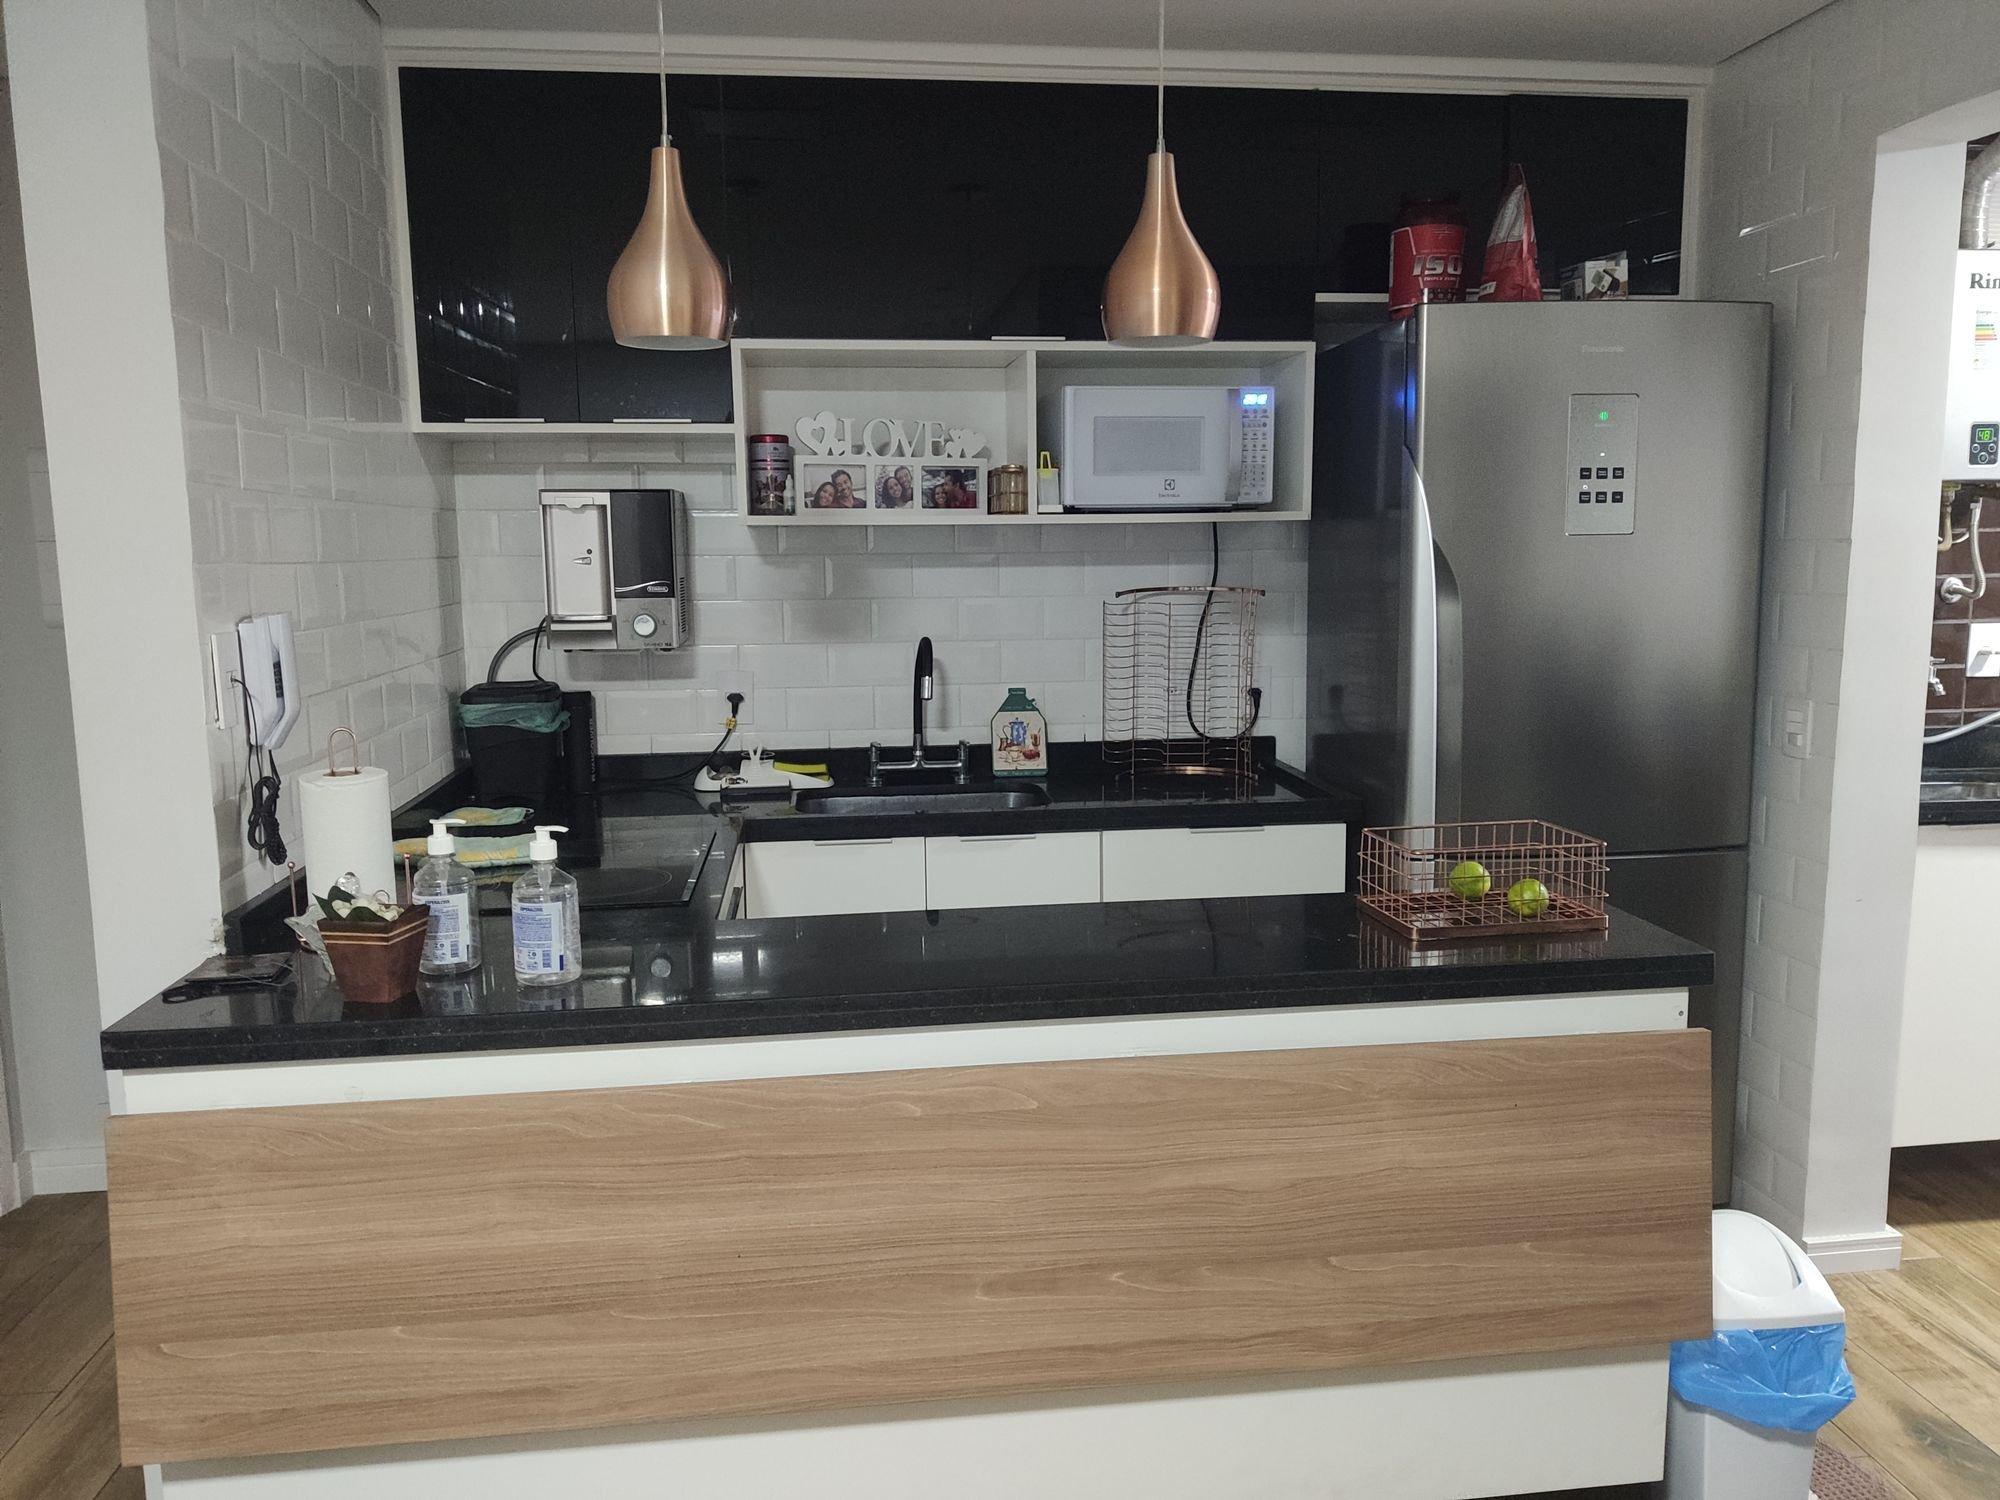 Foto de Cozinha com vaso, garrafa, geladeira, microondas